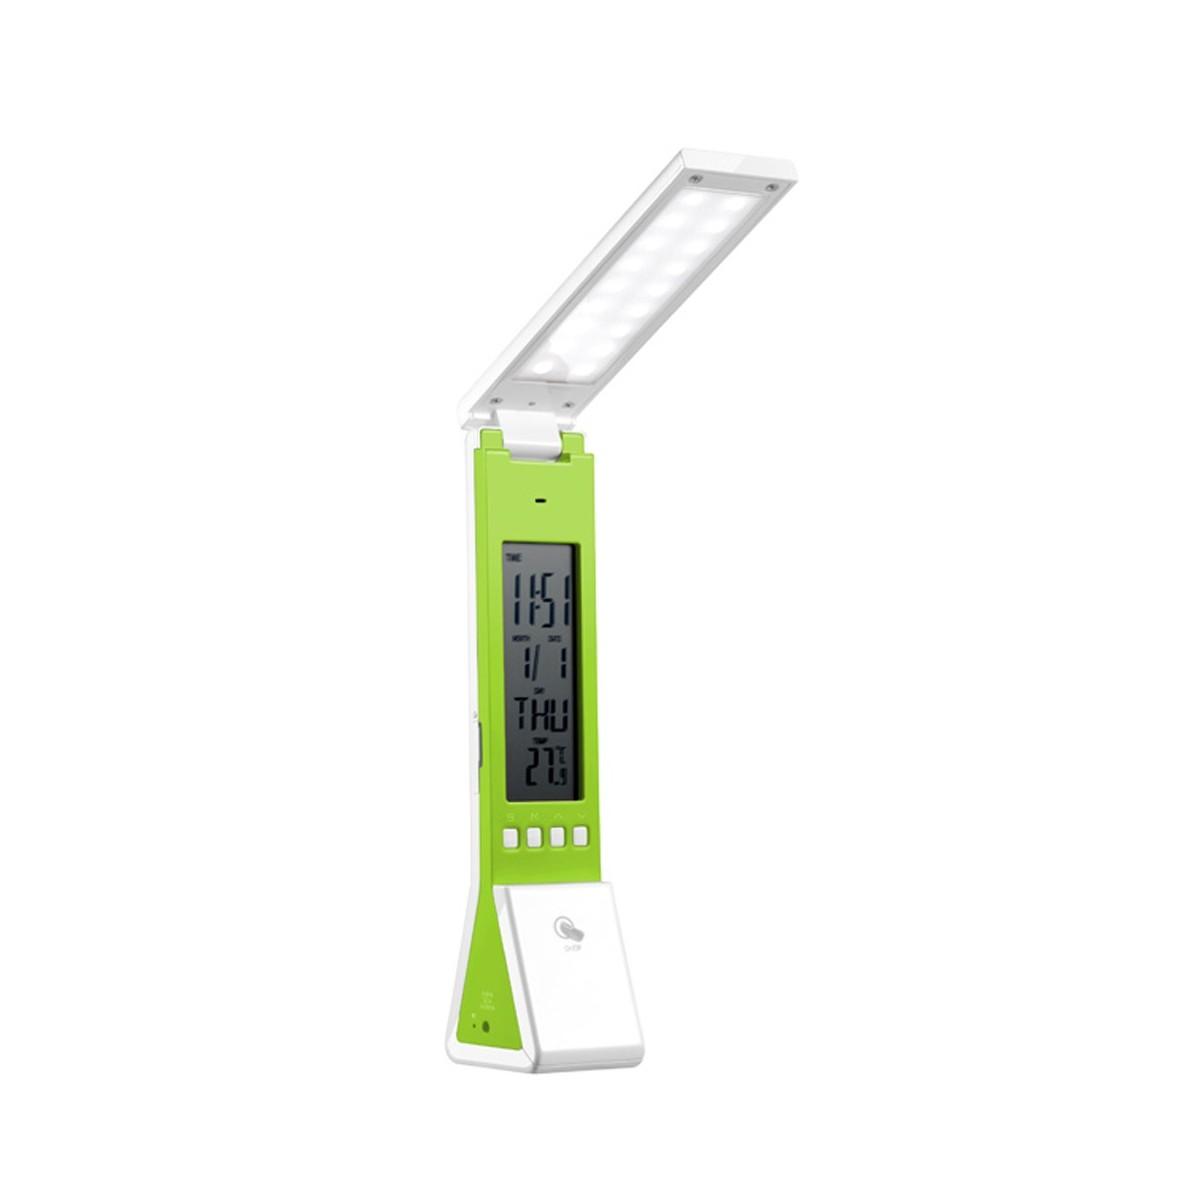 Multix LED Desk Lamp Green 1,8W